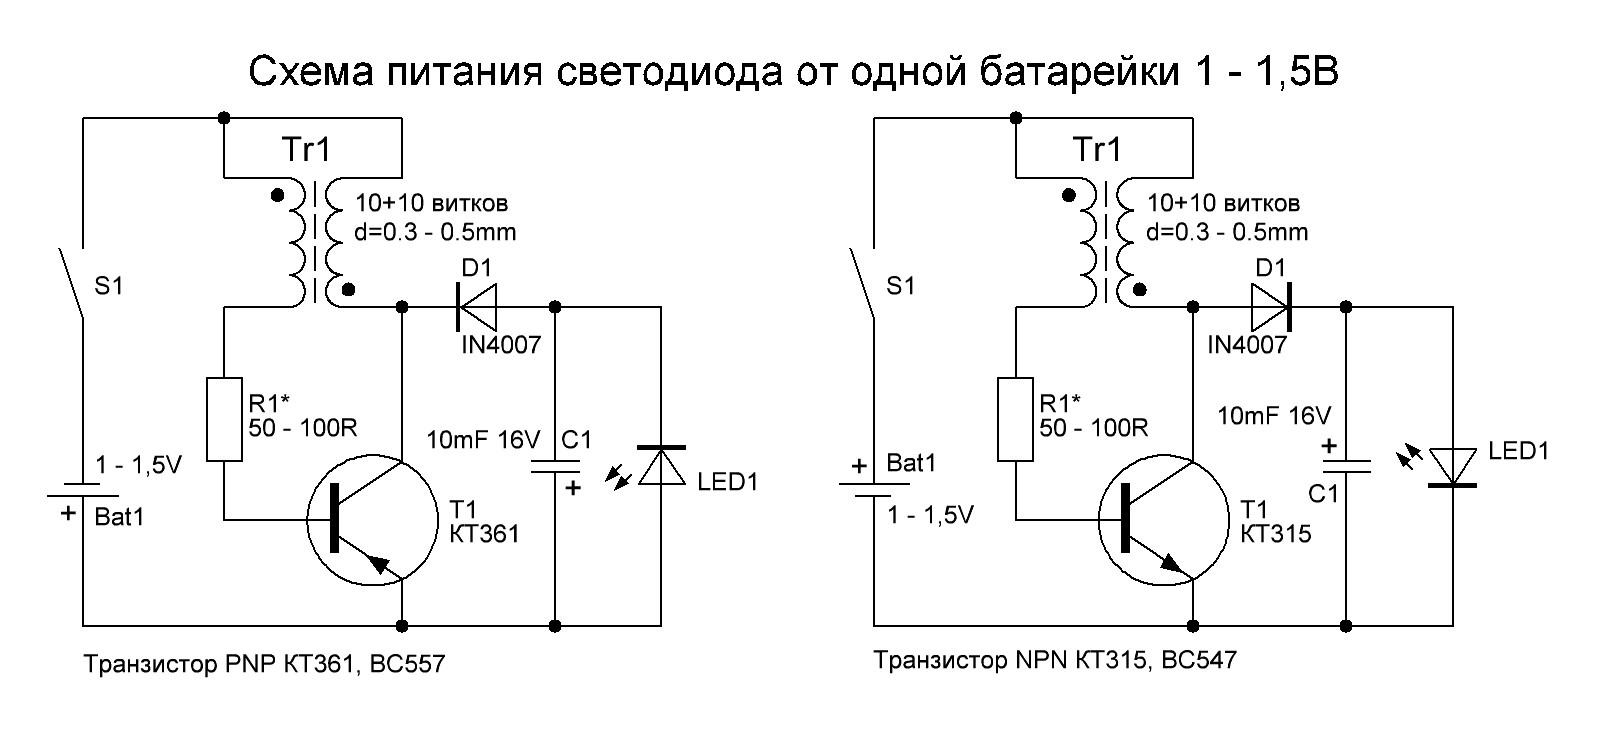 Преобразователь для светодиода схема фото 816